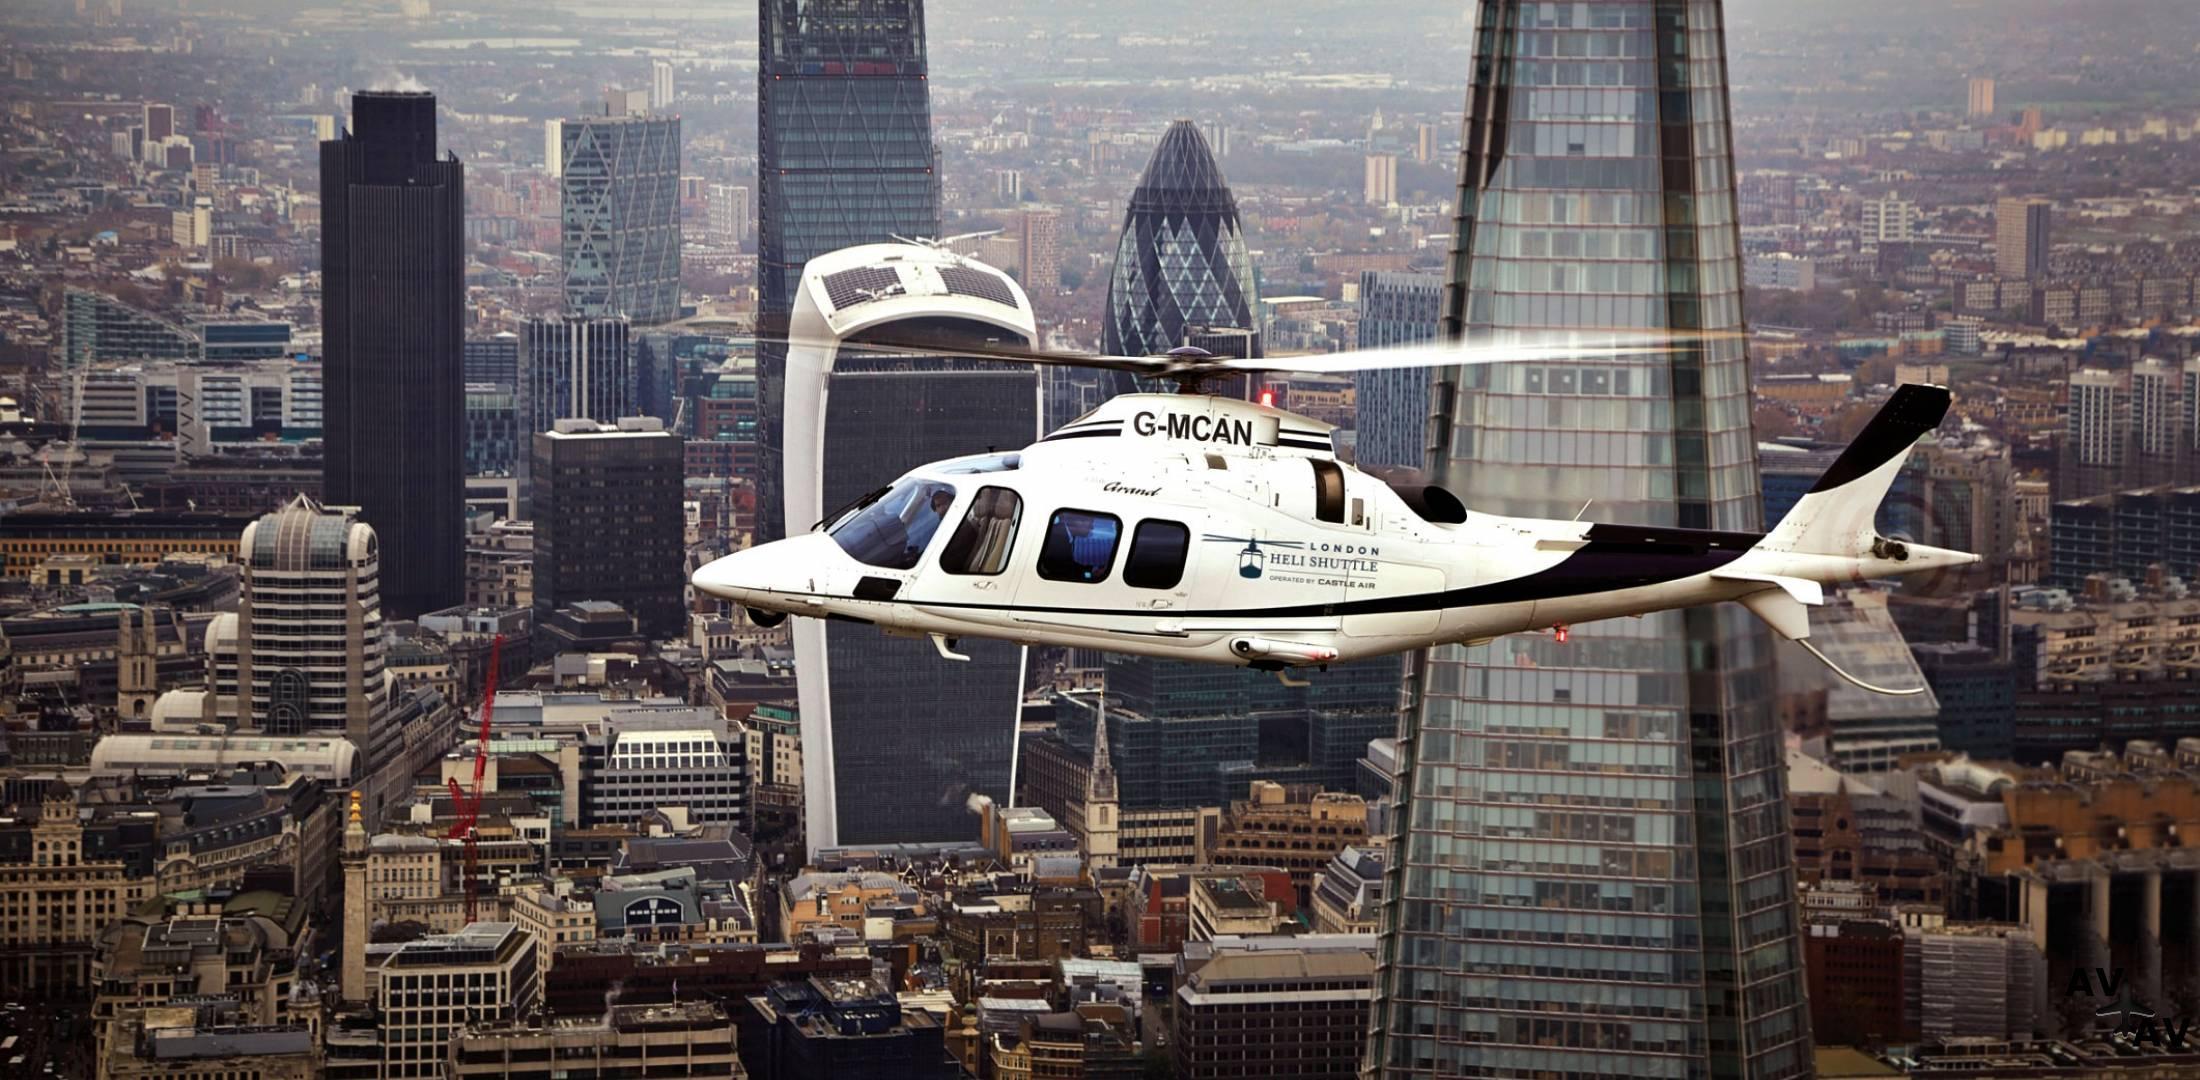 proekt-london-heli-shuttle-nabiraet-oboroty-c35267d